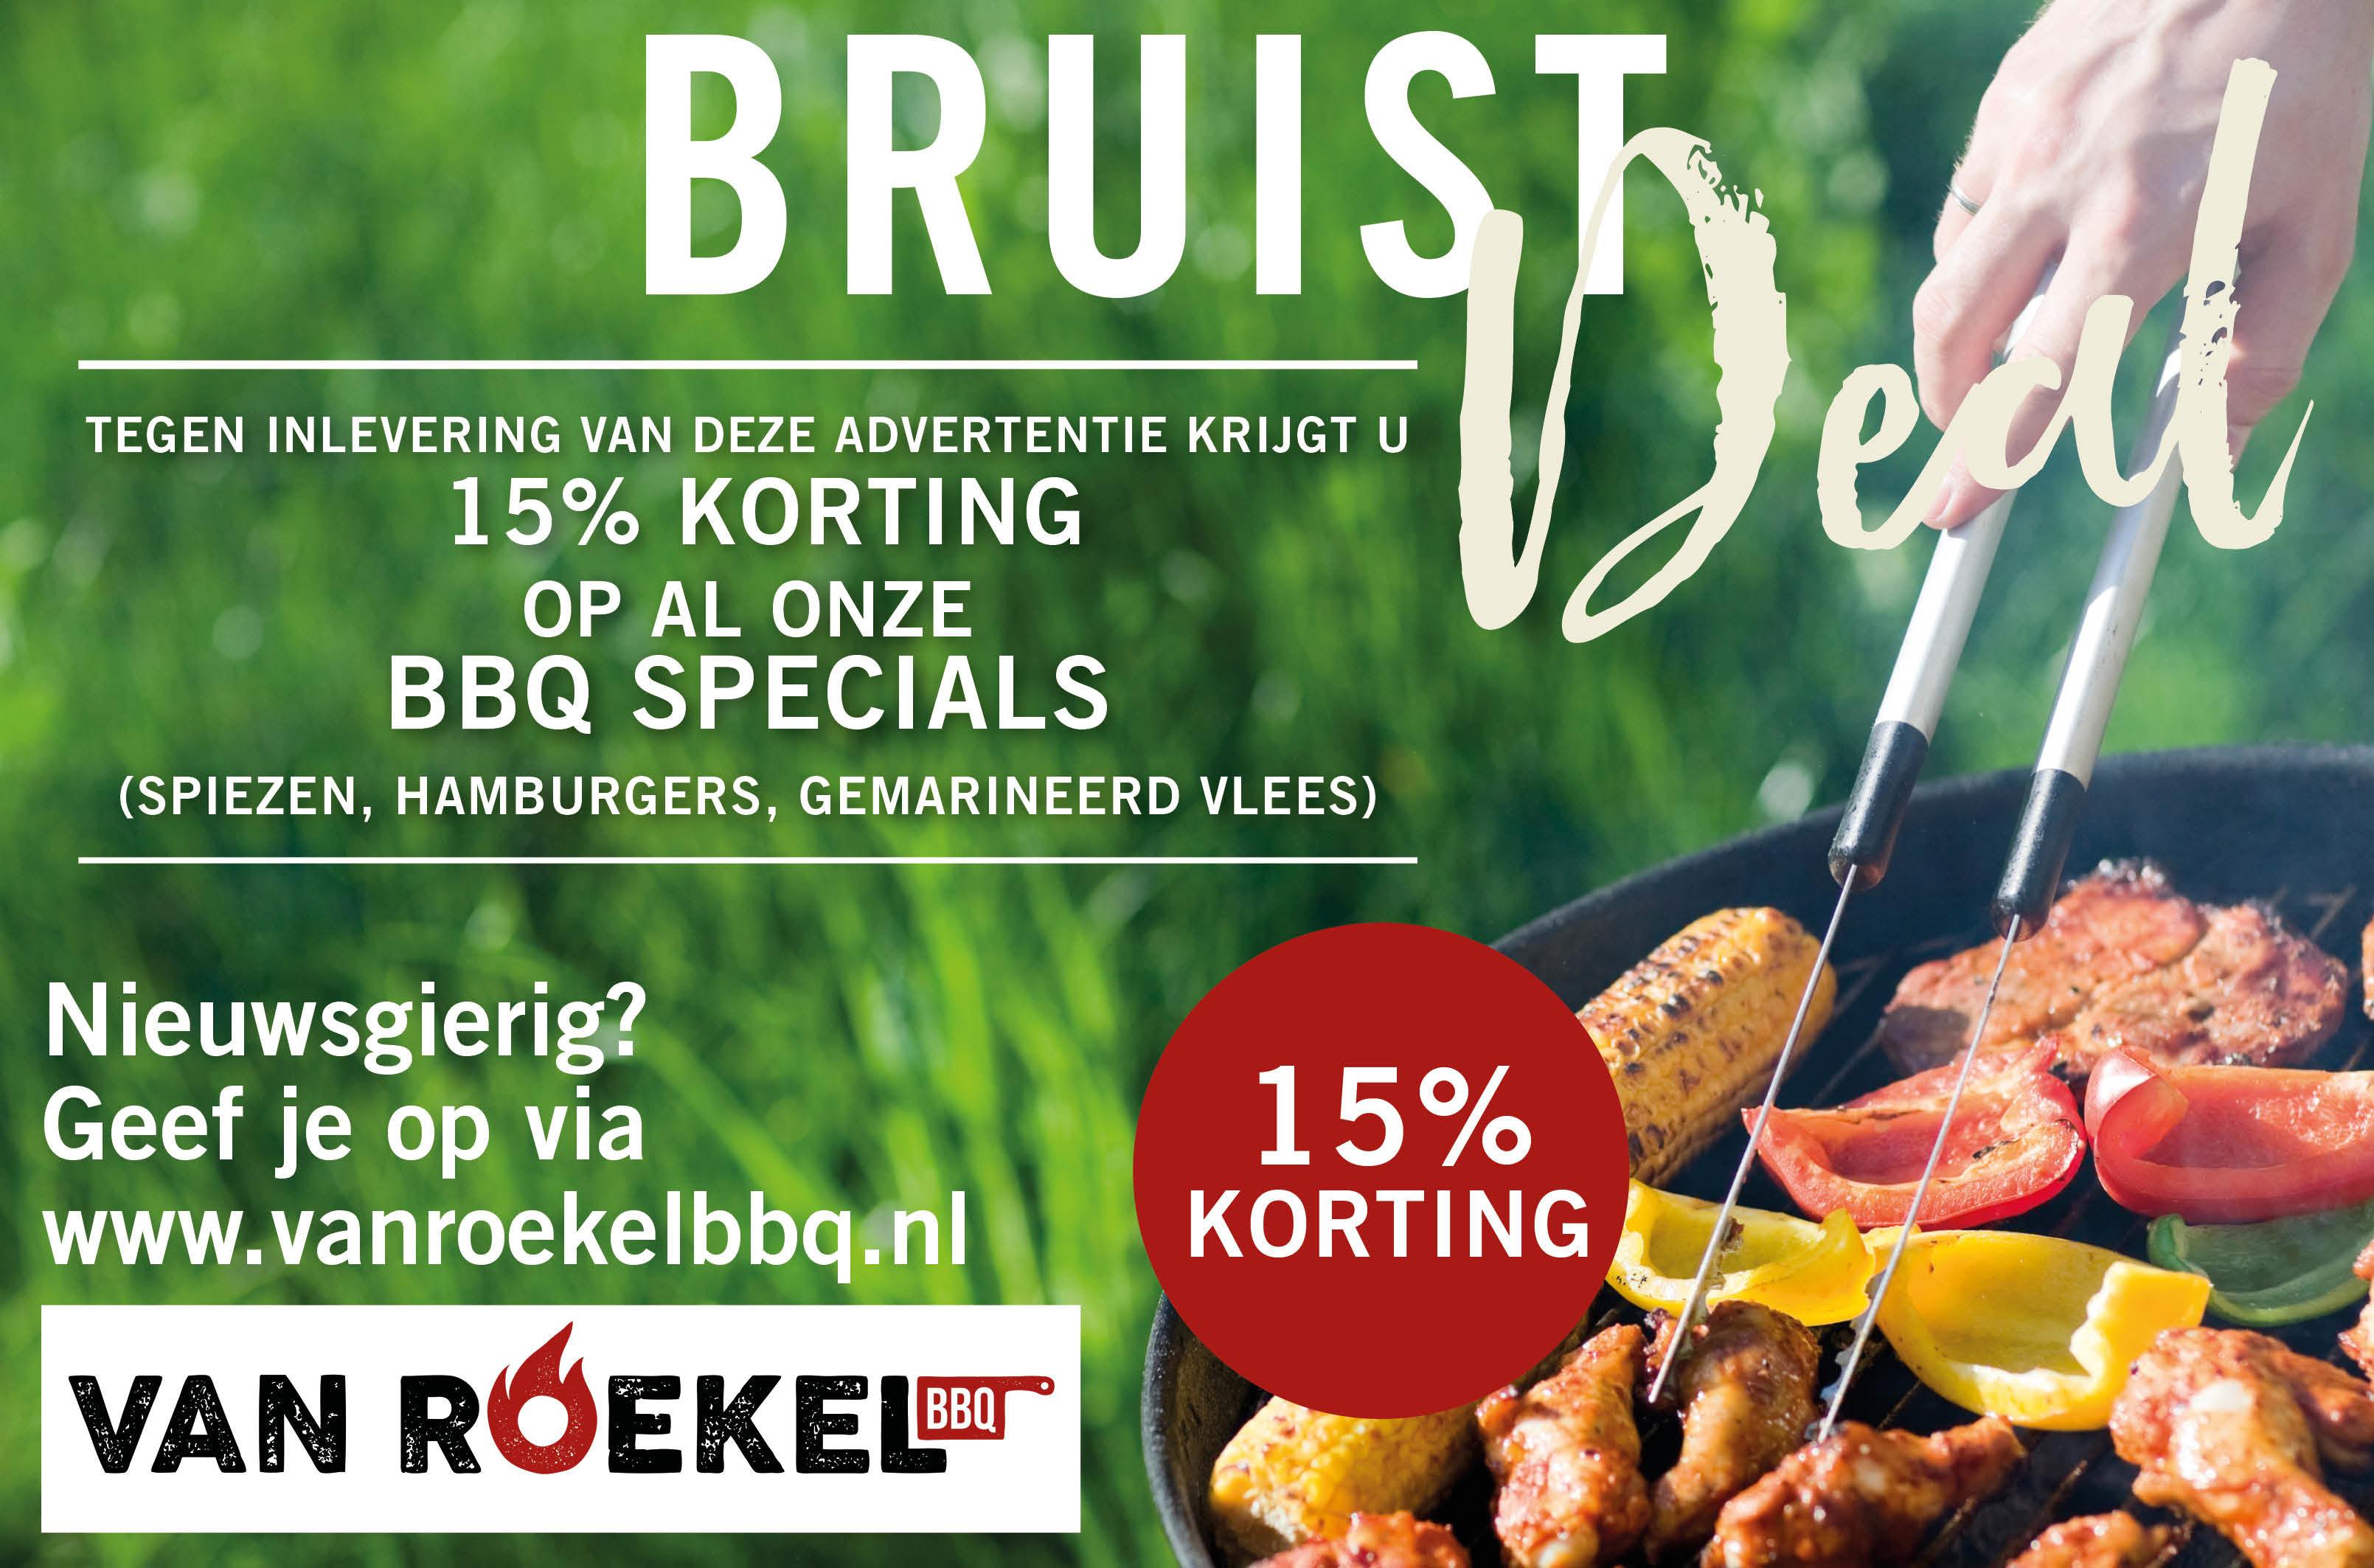 Op vertoon van de advertentie in Overbetuwe Bruist krijgt u 15% korting op al onze bbq specials (spiezen, hamburgers, gemarineerd vlees)